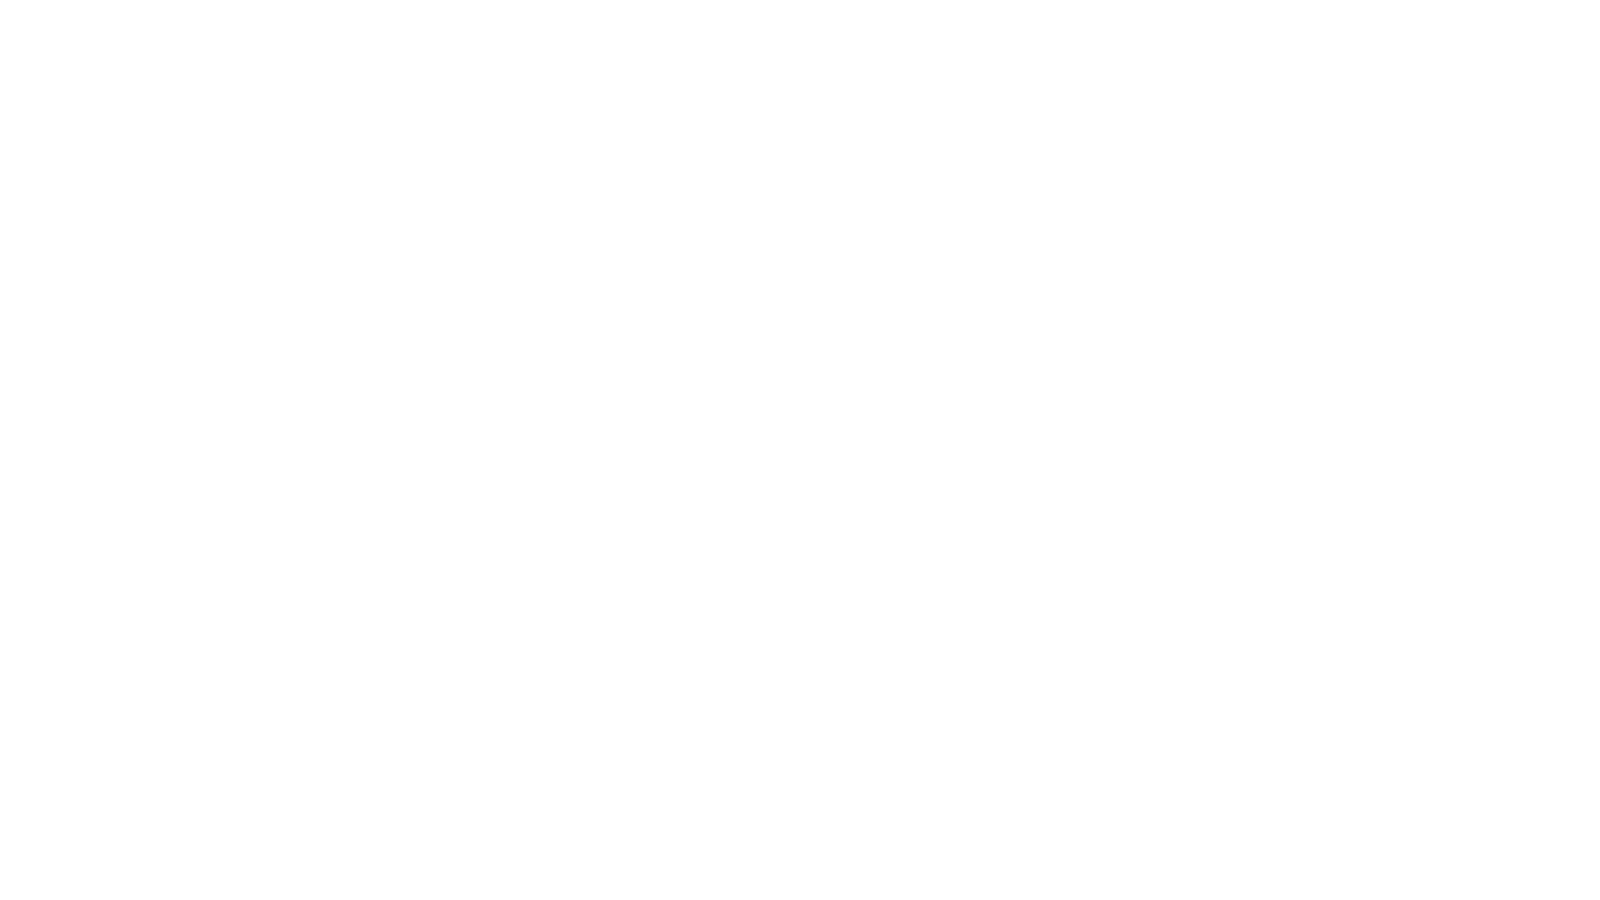 Desde su casa en Lo Hermida, la arpillerista Gloria Gallardo quien lleva más de 45 años practicando este oficio, nos abrió sus puertas para enseñarnos a realizar una arpillera utilizando retazos de tela, una tijera, aguja e hilos. Te invitamos a seguir el paso a paso de este taller y a conocer más de la historia de Gloria y su agrupación – en la que trabaja junto a su hija Rosario Muñoz – a través de este didáctico video con el que podrás contar tu propia historia a través de una arpillera.  Cuando termines tómale una foto al resultado y compártelo en tus redes sociales etiquetando a @artesaniasdechile ¡Qué lo disfrutes!  *Encuentra este y otros videos didácticos para acercarte más a la artesanía chilena en nuestra página web: https://artesaniasdechile.cl/taller-virtual/